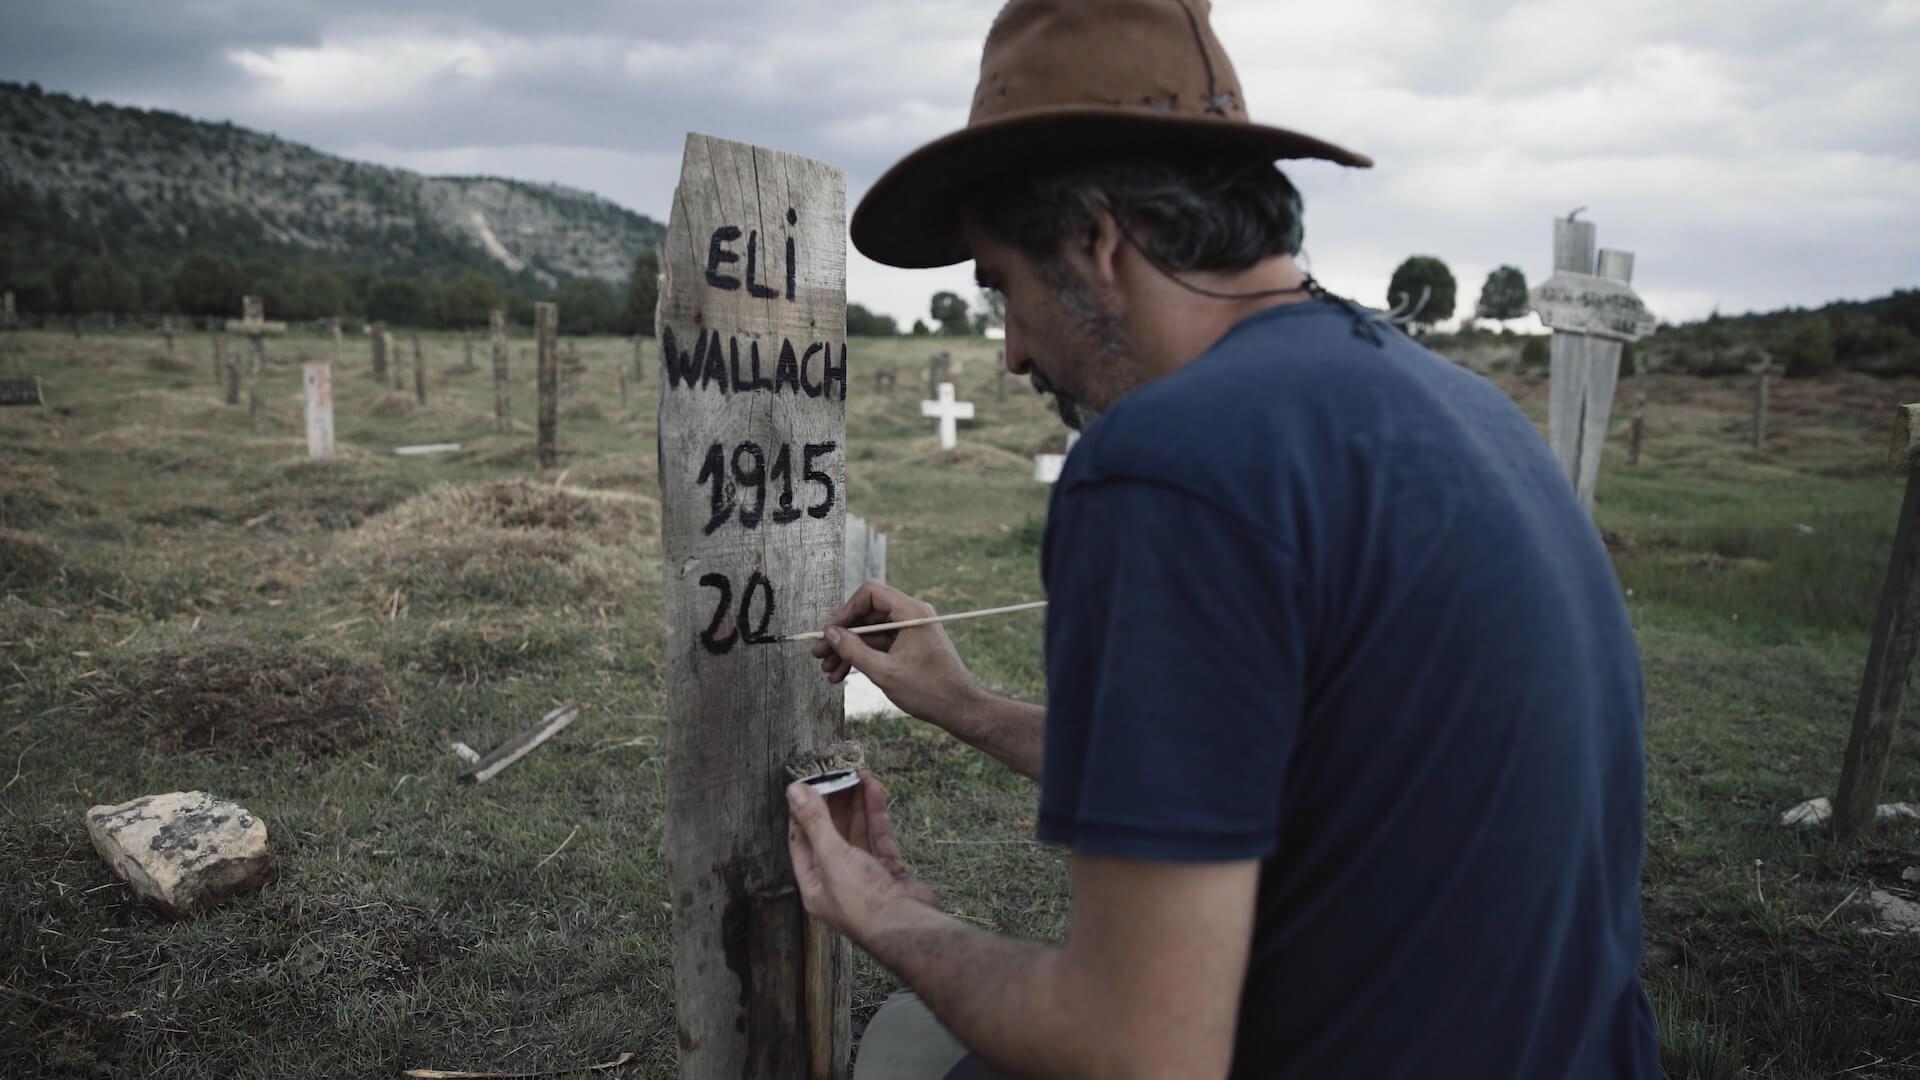 スターチャンネルにてエンニオ・モリコーネ氏追悼放送が決定!『アンタッチャブル』『サッドヒルを掘り返せ』がラインナップ film200708_starchannel_1